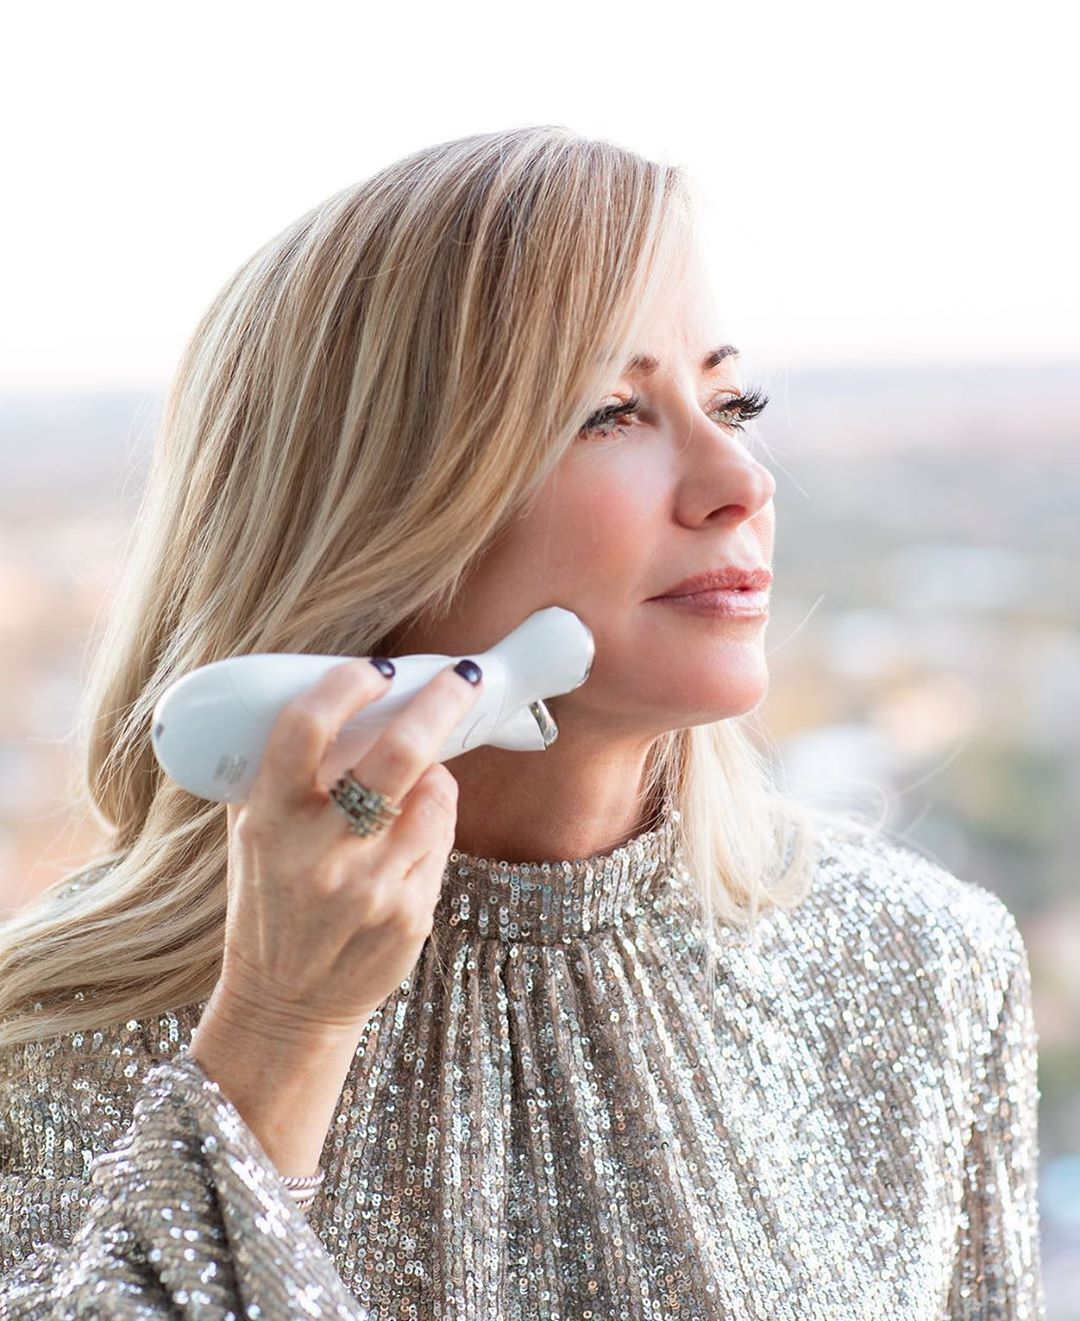 Who Wants An In-Home Treatment To Get Li Instabeauty - Beauty Secret